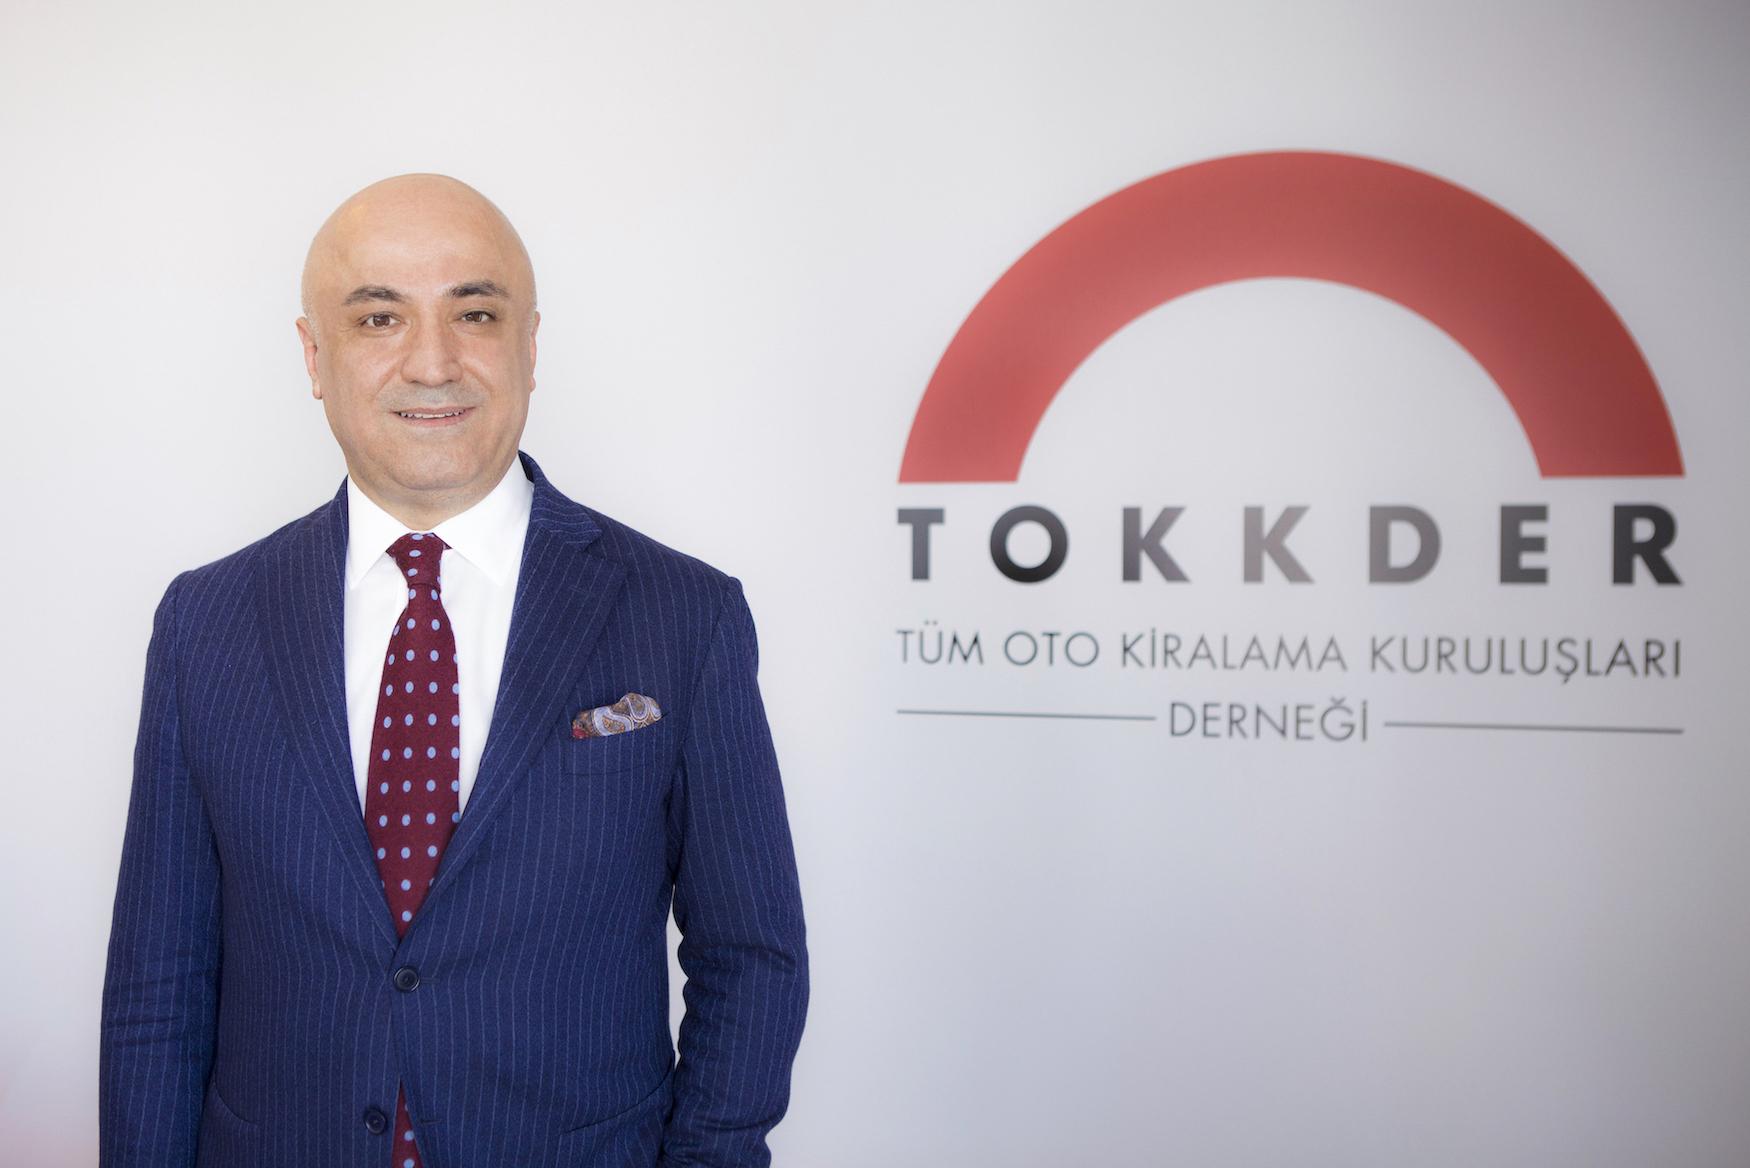 tokkder-yönetim-kurulu-başkani-i̇nan-ekici.jpg